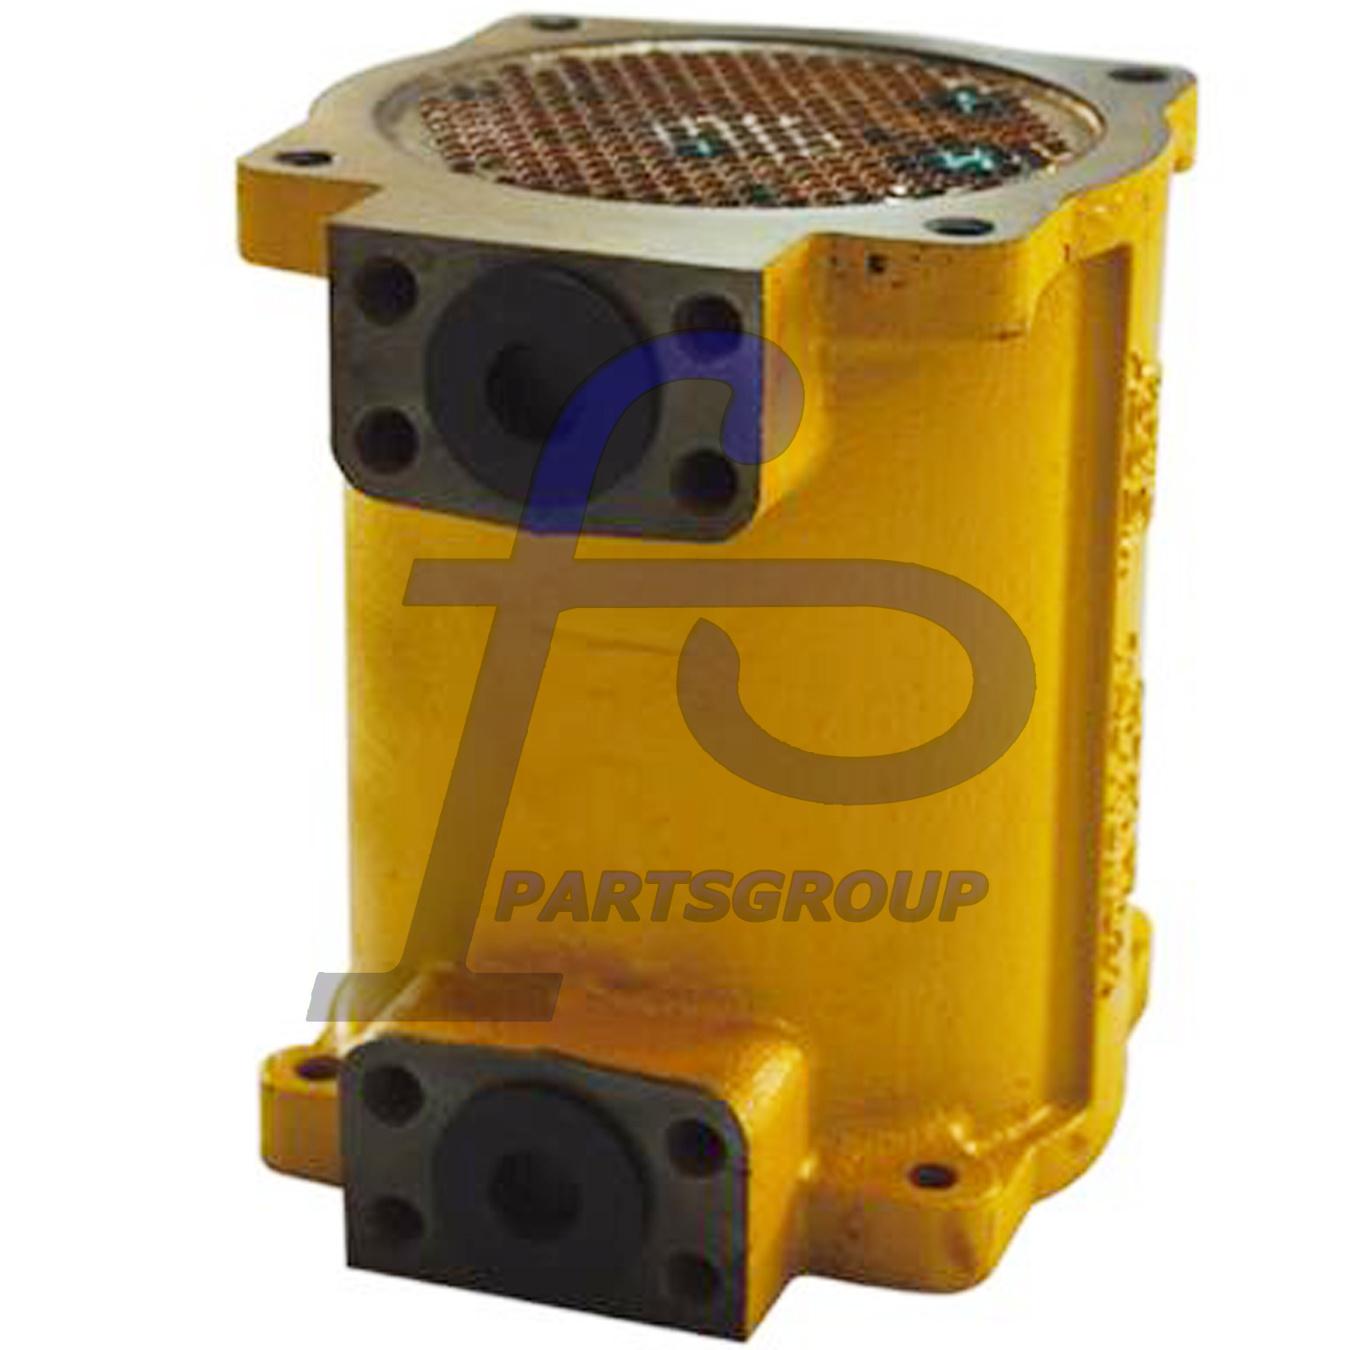 Oil cooler core assembly 2P8797  7N0110 for Caterpillar 3306 3406,D250E D300E